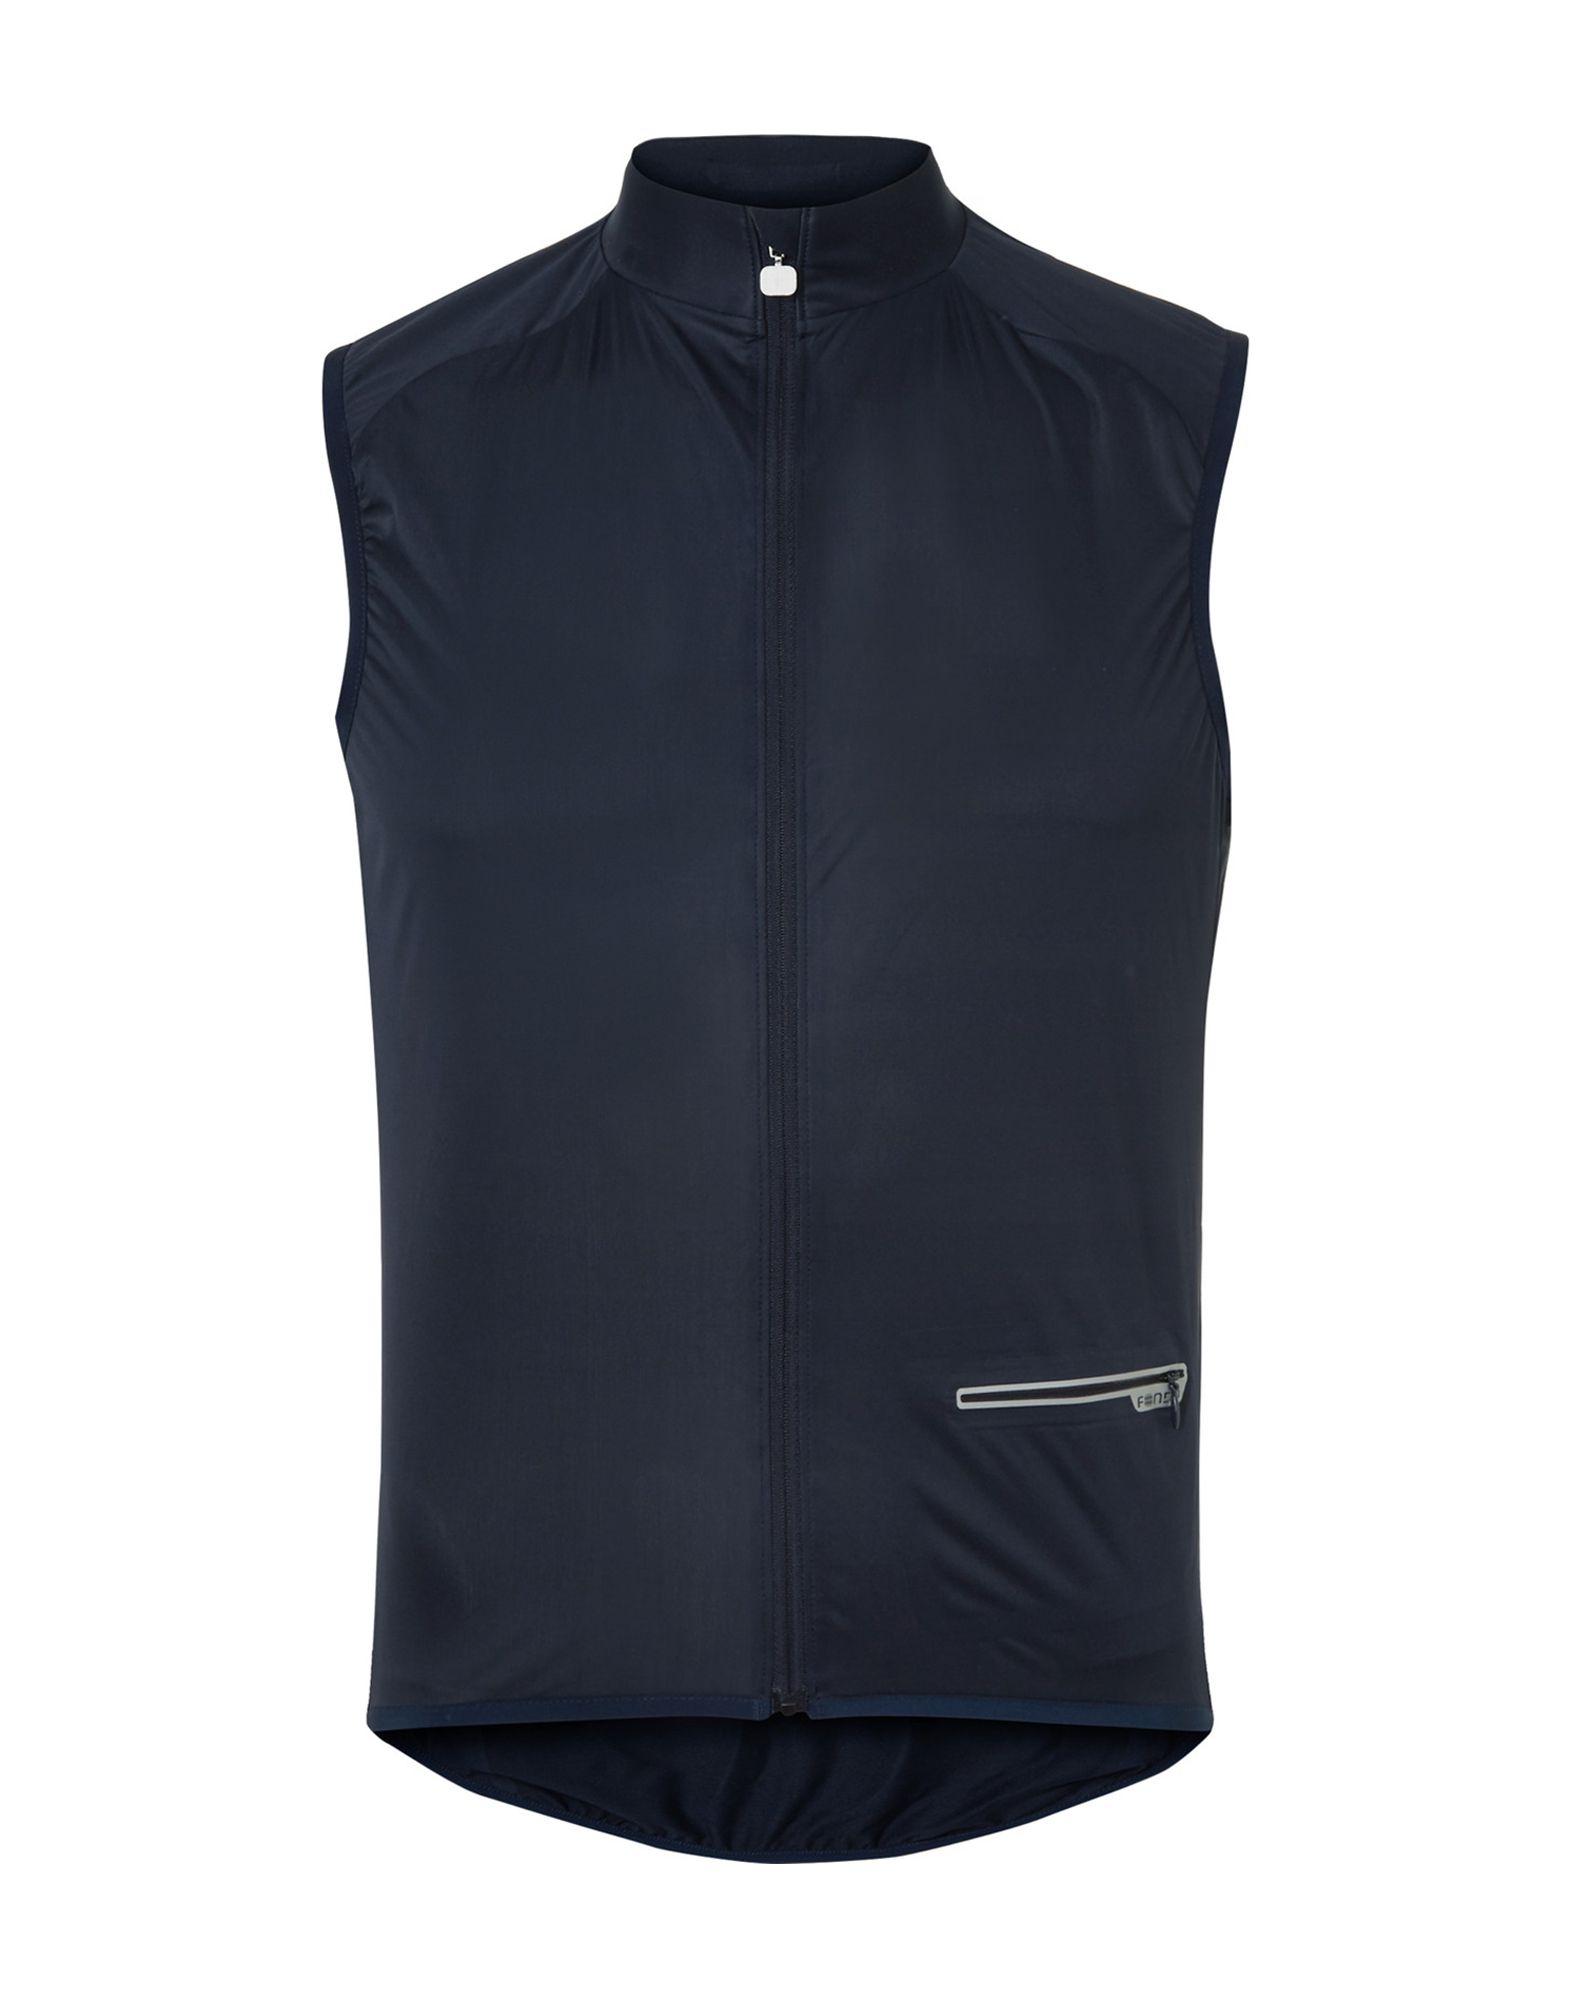 《送料無料》POC メンズ スウェットシャツ ダークブルー M ポリエステル 100% / ポリウレタン